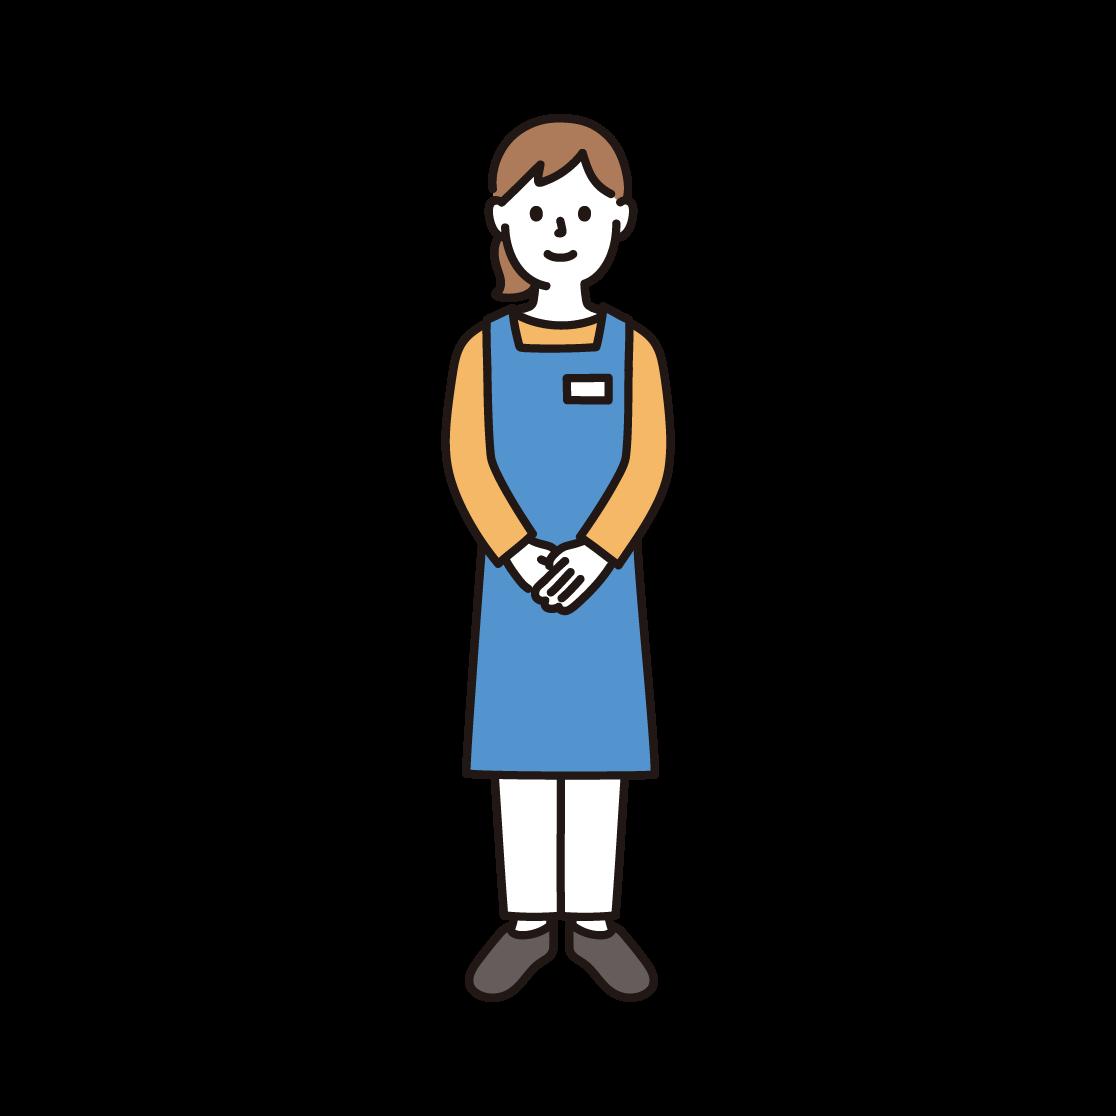 スーパーの店員(女性)